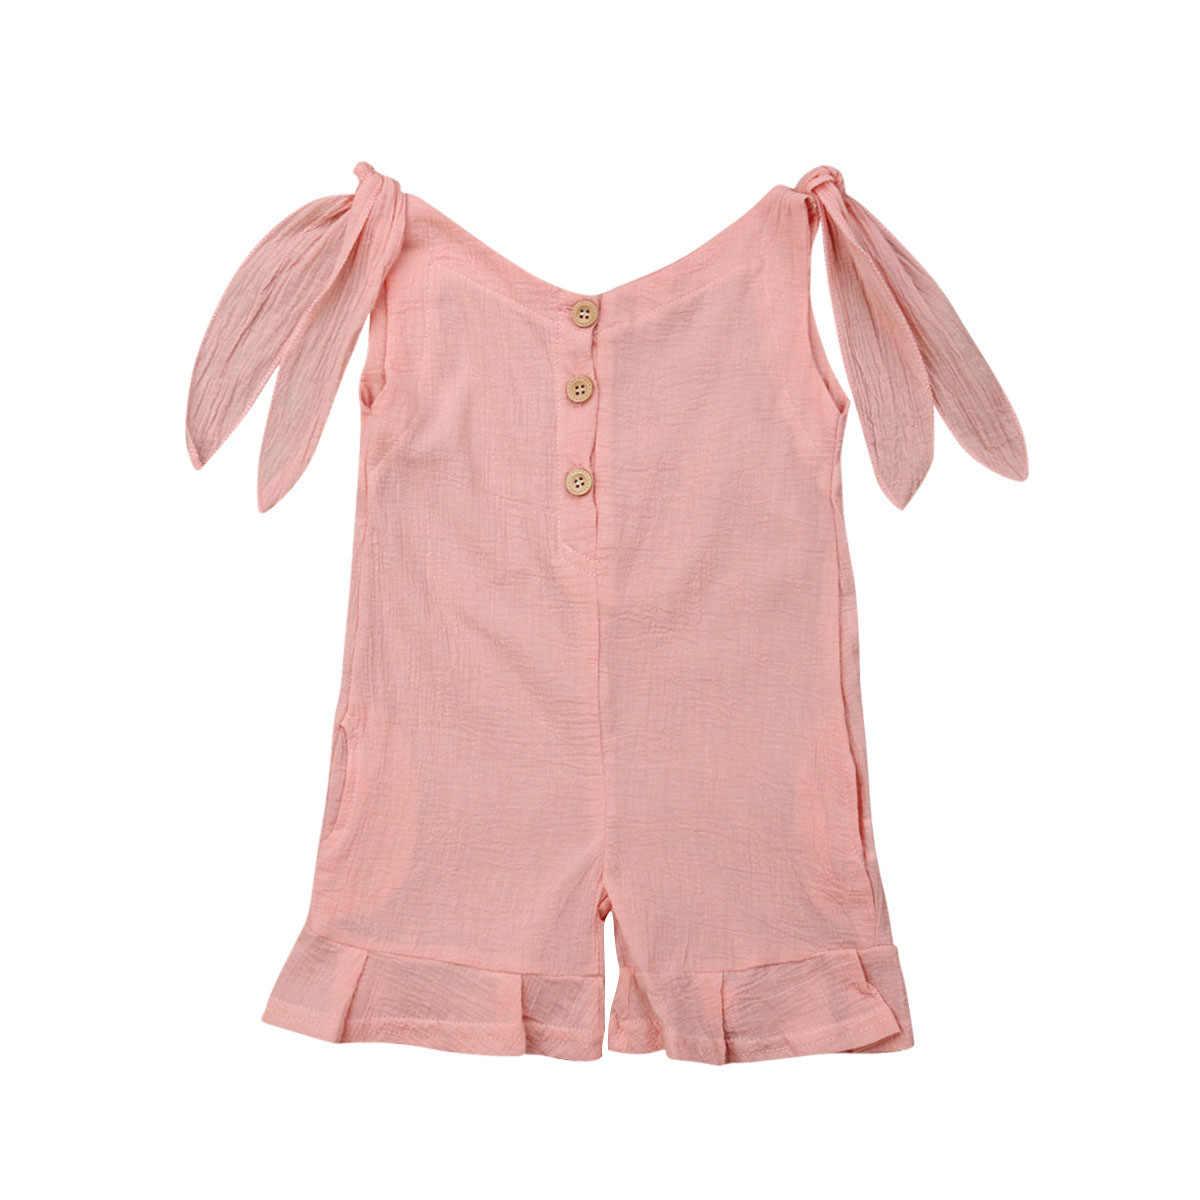 2019 брендовый комбинезон без рукавов для новорожденных девочек, Boho, новый летний комбинезон без рукавов, праздничный летний костюм